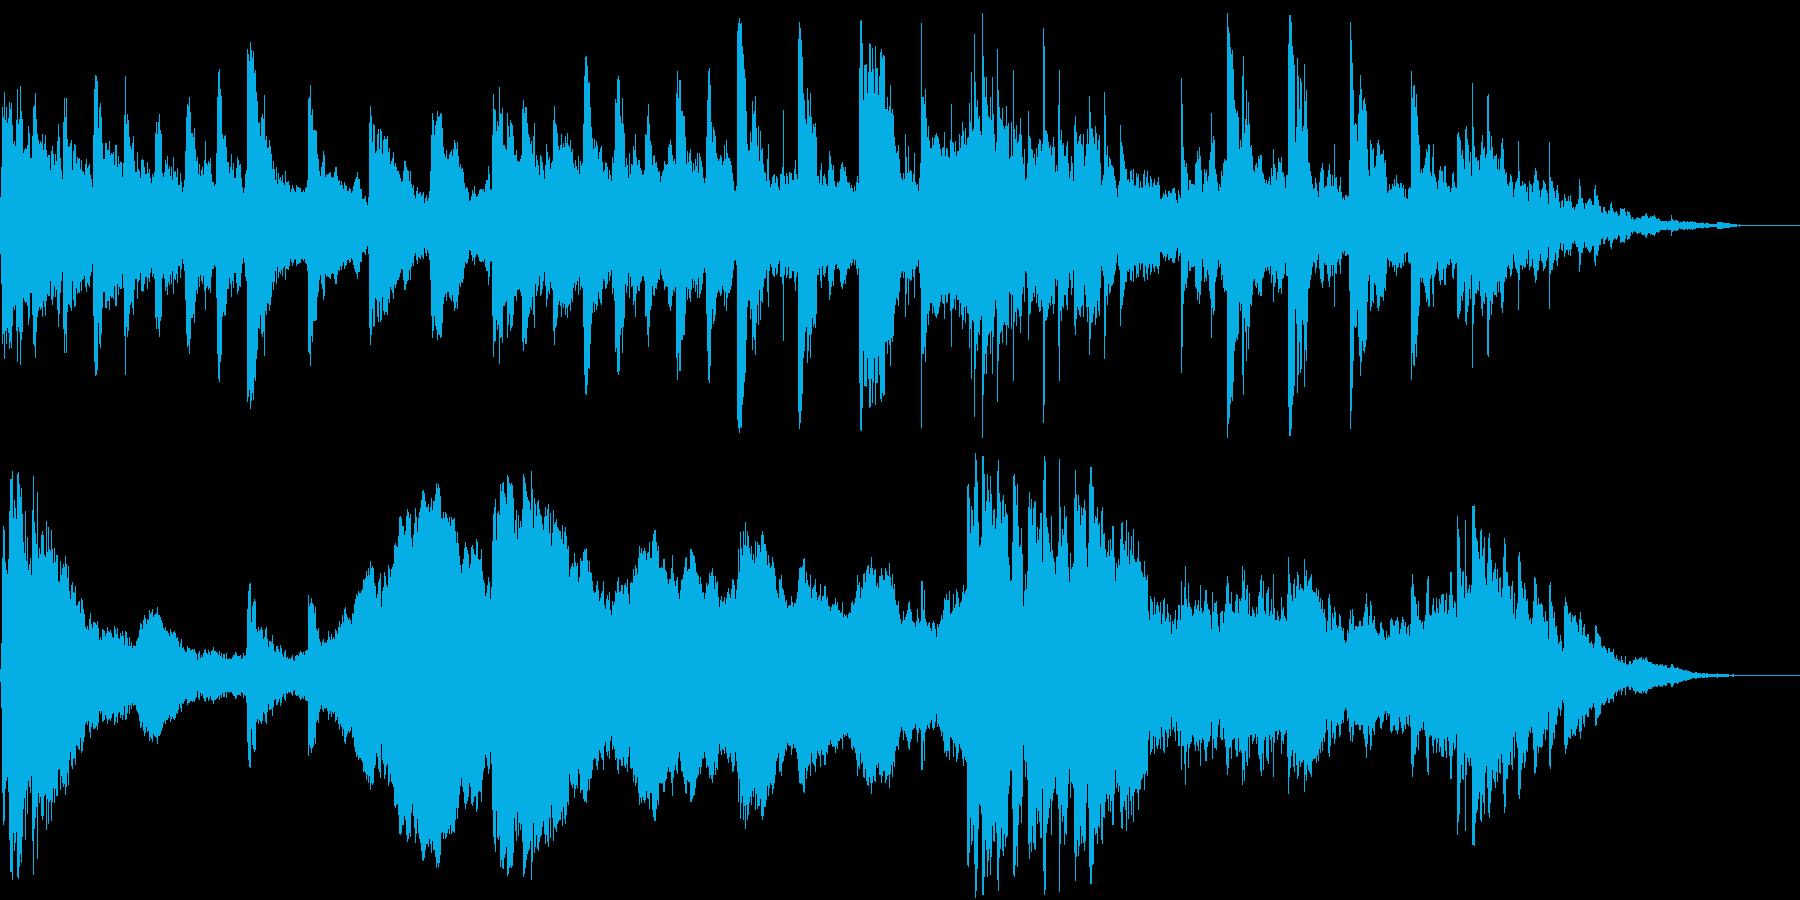 朝方の京都や社寺などに合うインストの再生済みの波形